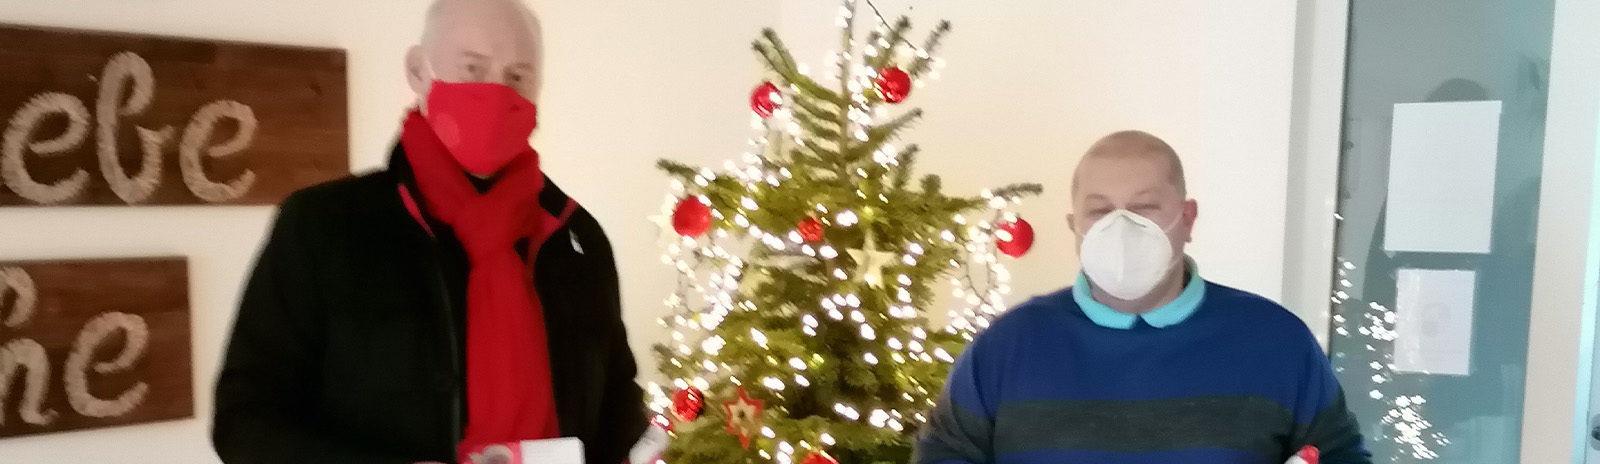 Orts SPD  Weihnachtsmänner_slider